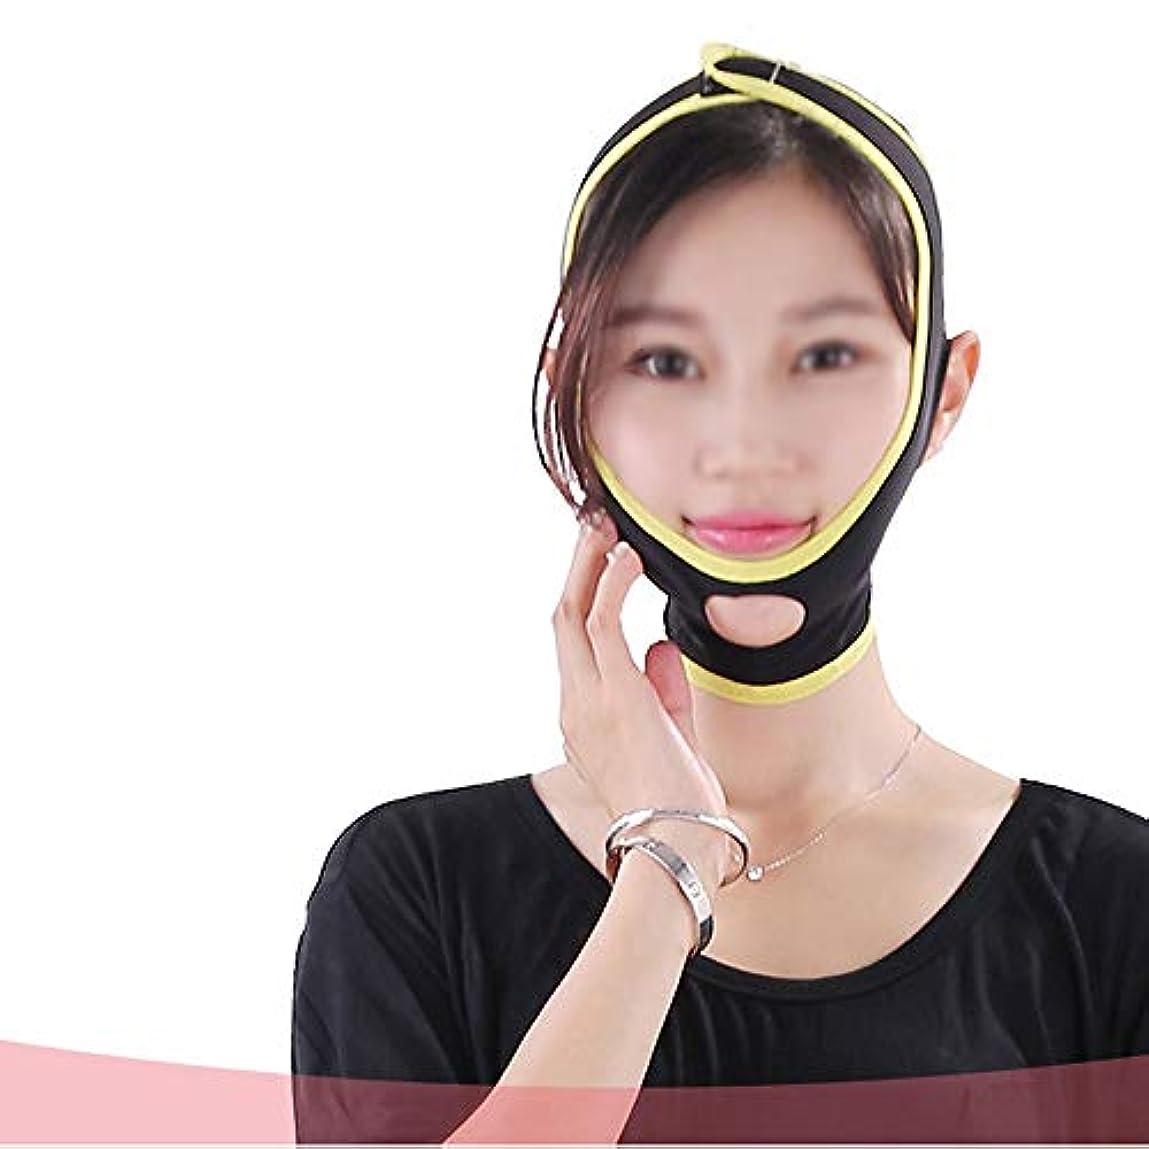 並外れて境界少なくとも通気性の睡眠のマスク、薄い顔の包帯の小さい表面Vの顔薄い顔の顔 (Color : M)